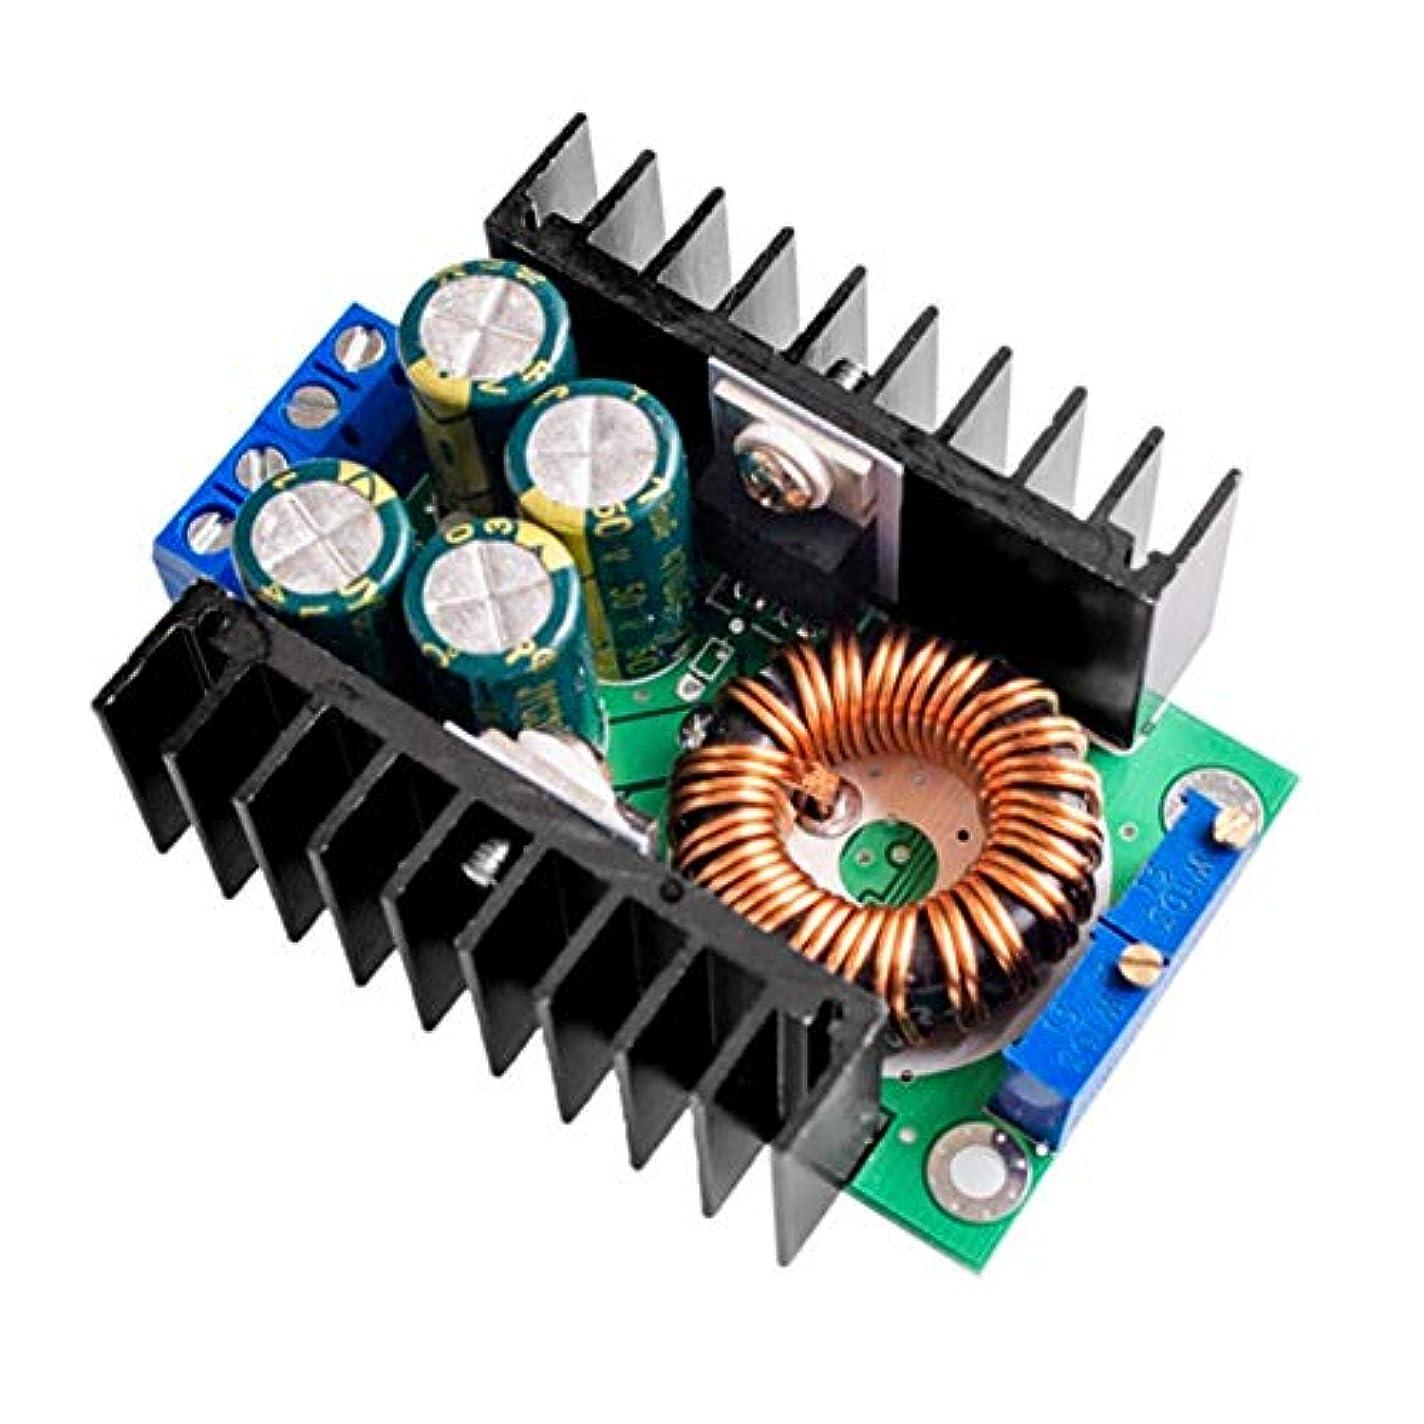 田舎急襲冷えるFuntoget パワーモジュール、ヒートベッドパワーモジュール、充電モジュール、降圧型コンバータ、DC-DC CC CV降圧型コンバータ降圧型電源モジュール7-32V?0.8-28V 12A 300W